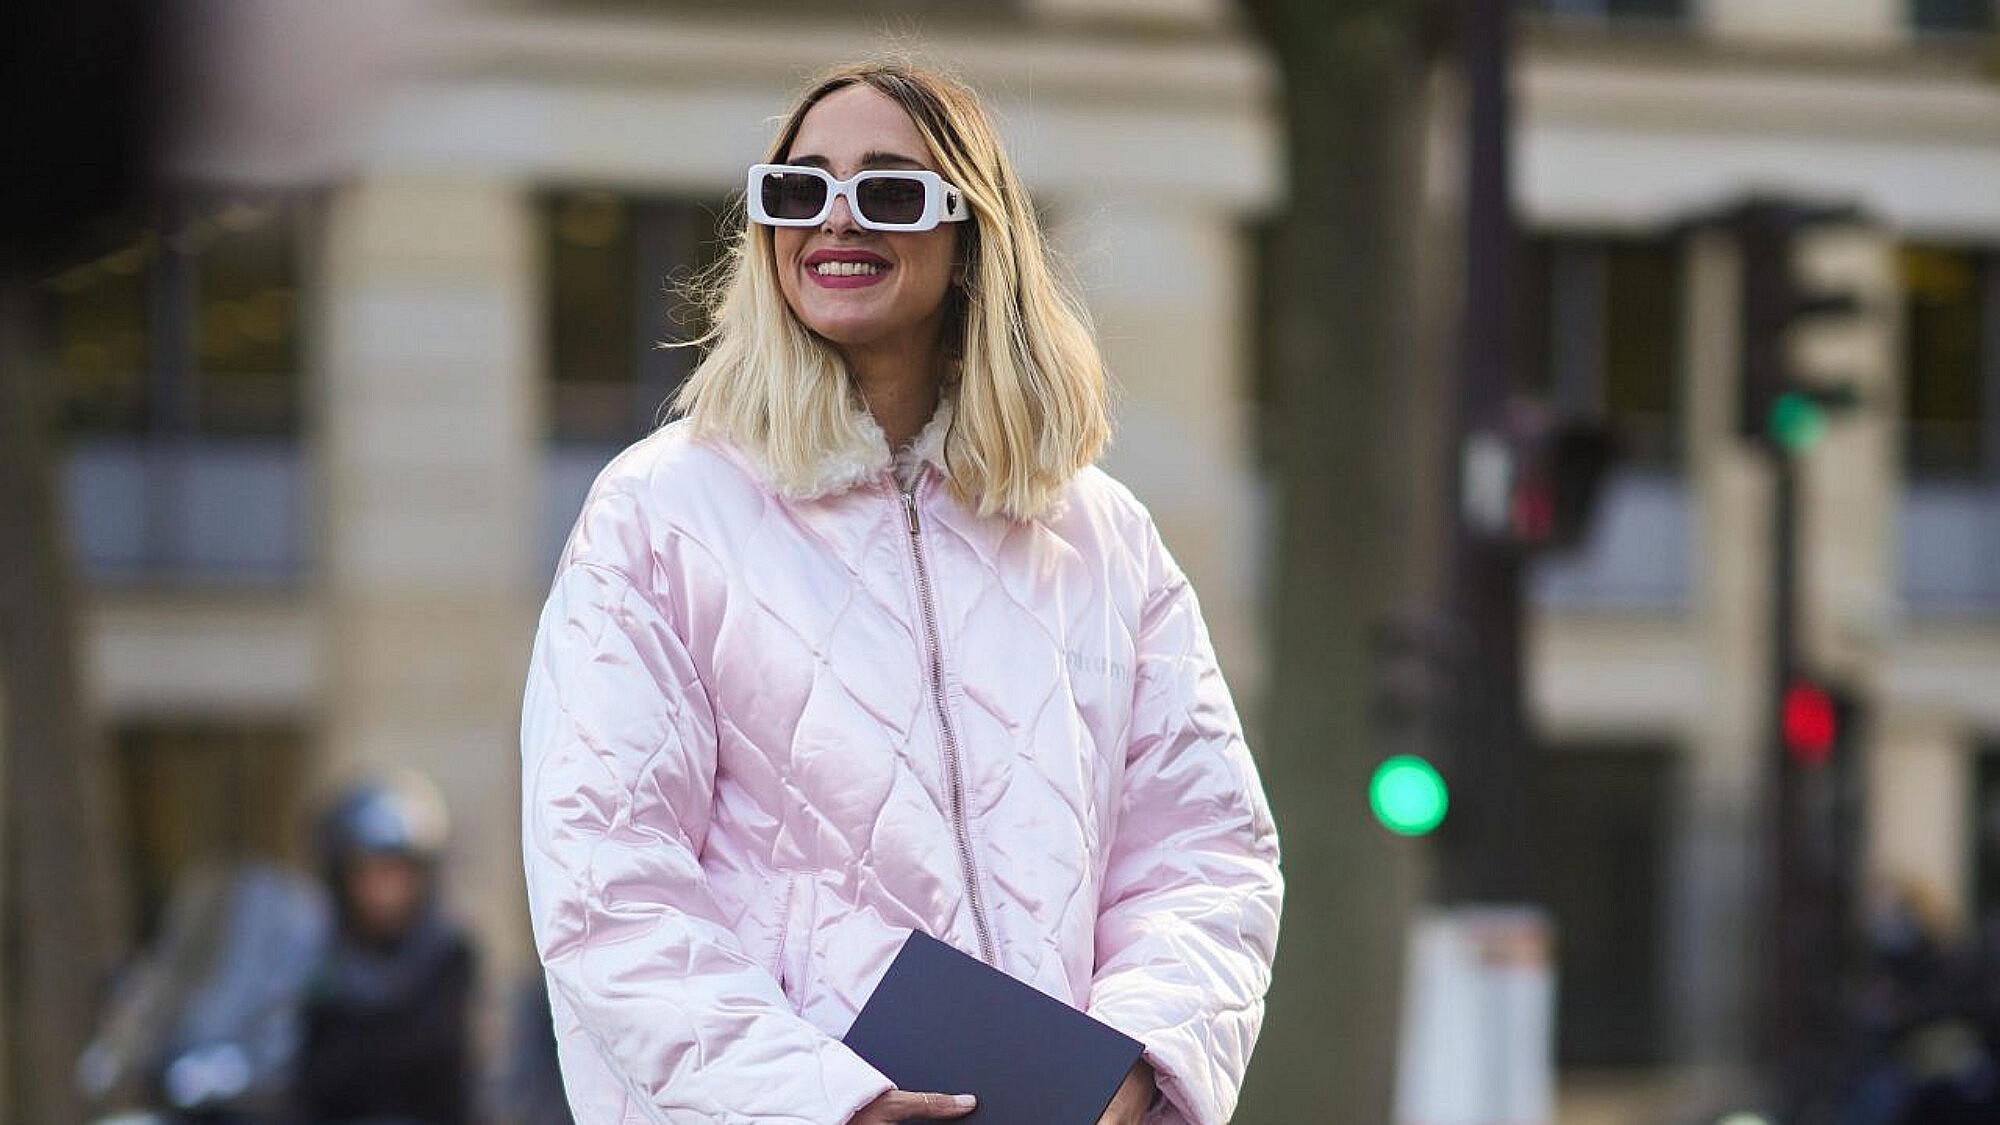 עטופה היטב. האיט-גירל קנדלה נובמברה במעיל של מיו מיו בשבוע האופנה פריז, אוקטובר 2021   צילום: Edward Berthelot/Getty Images